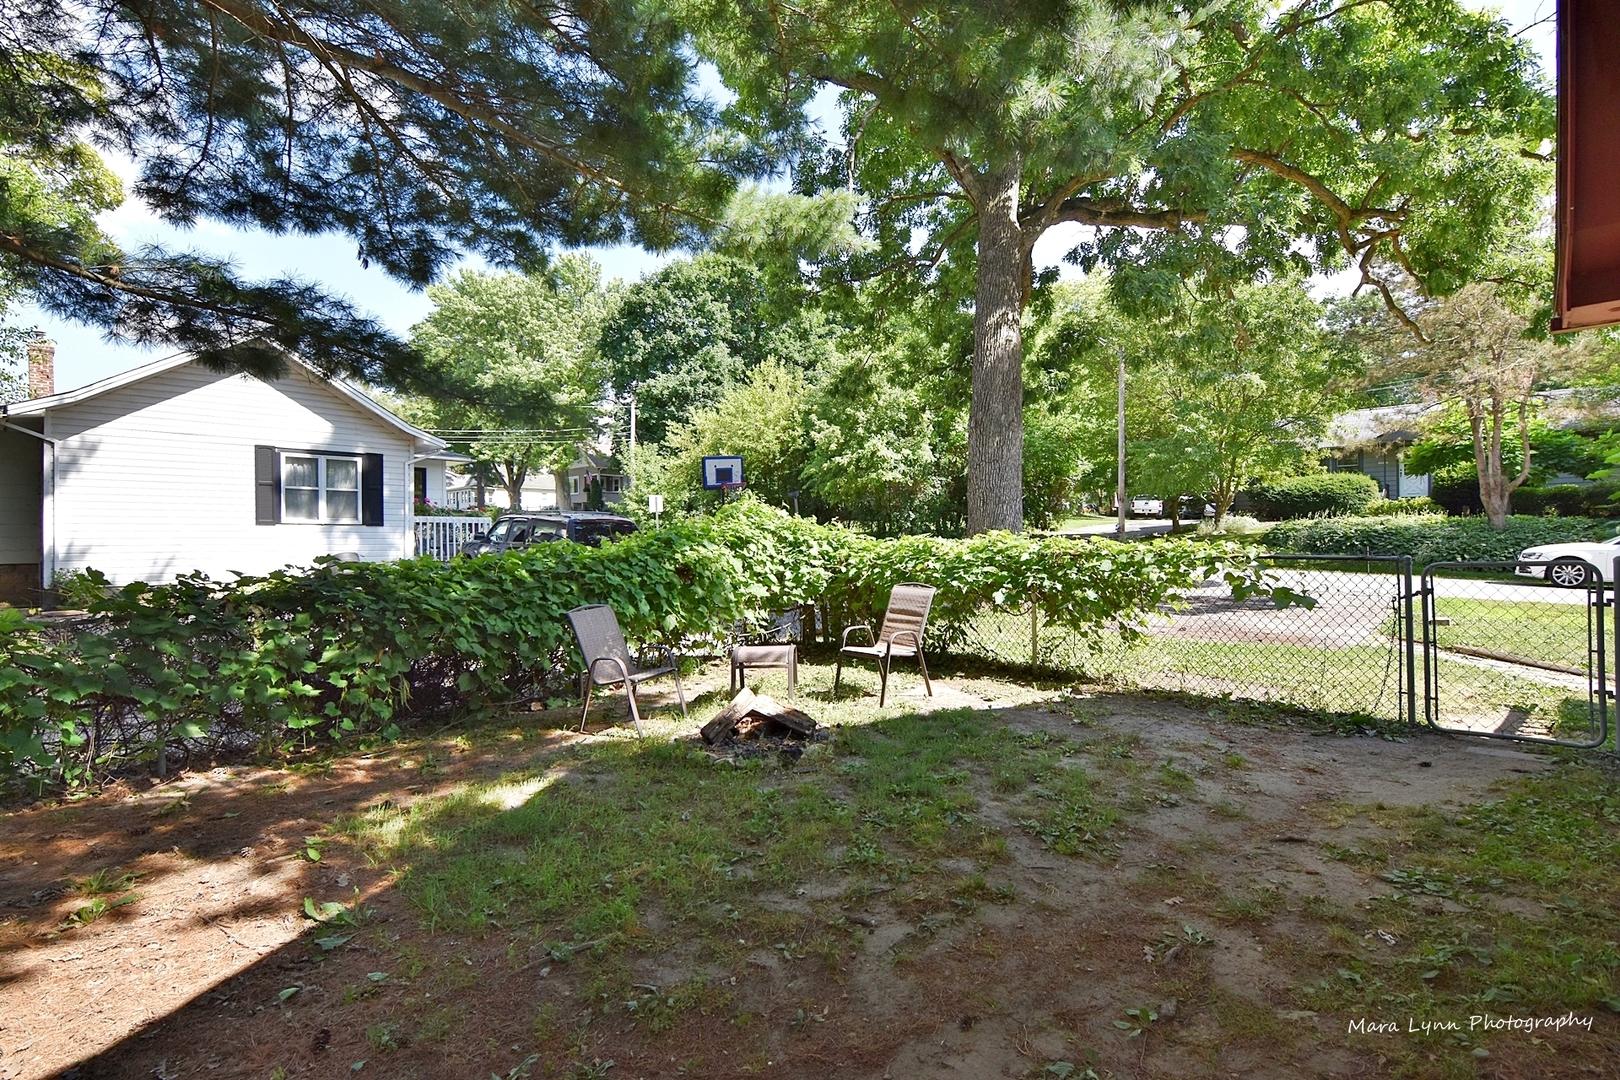 35W392 Lambert, ST. CHARLES, Illinois, 60174